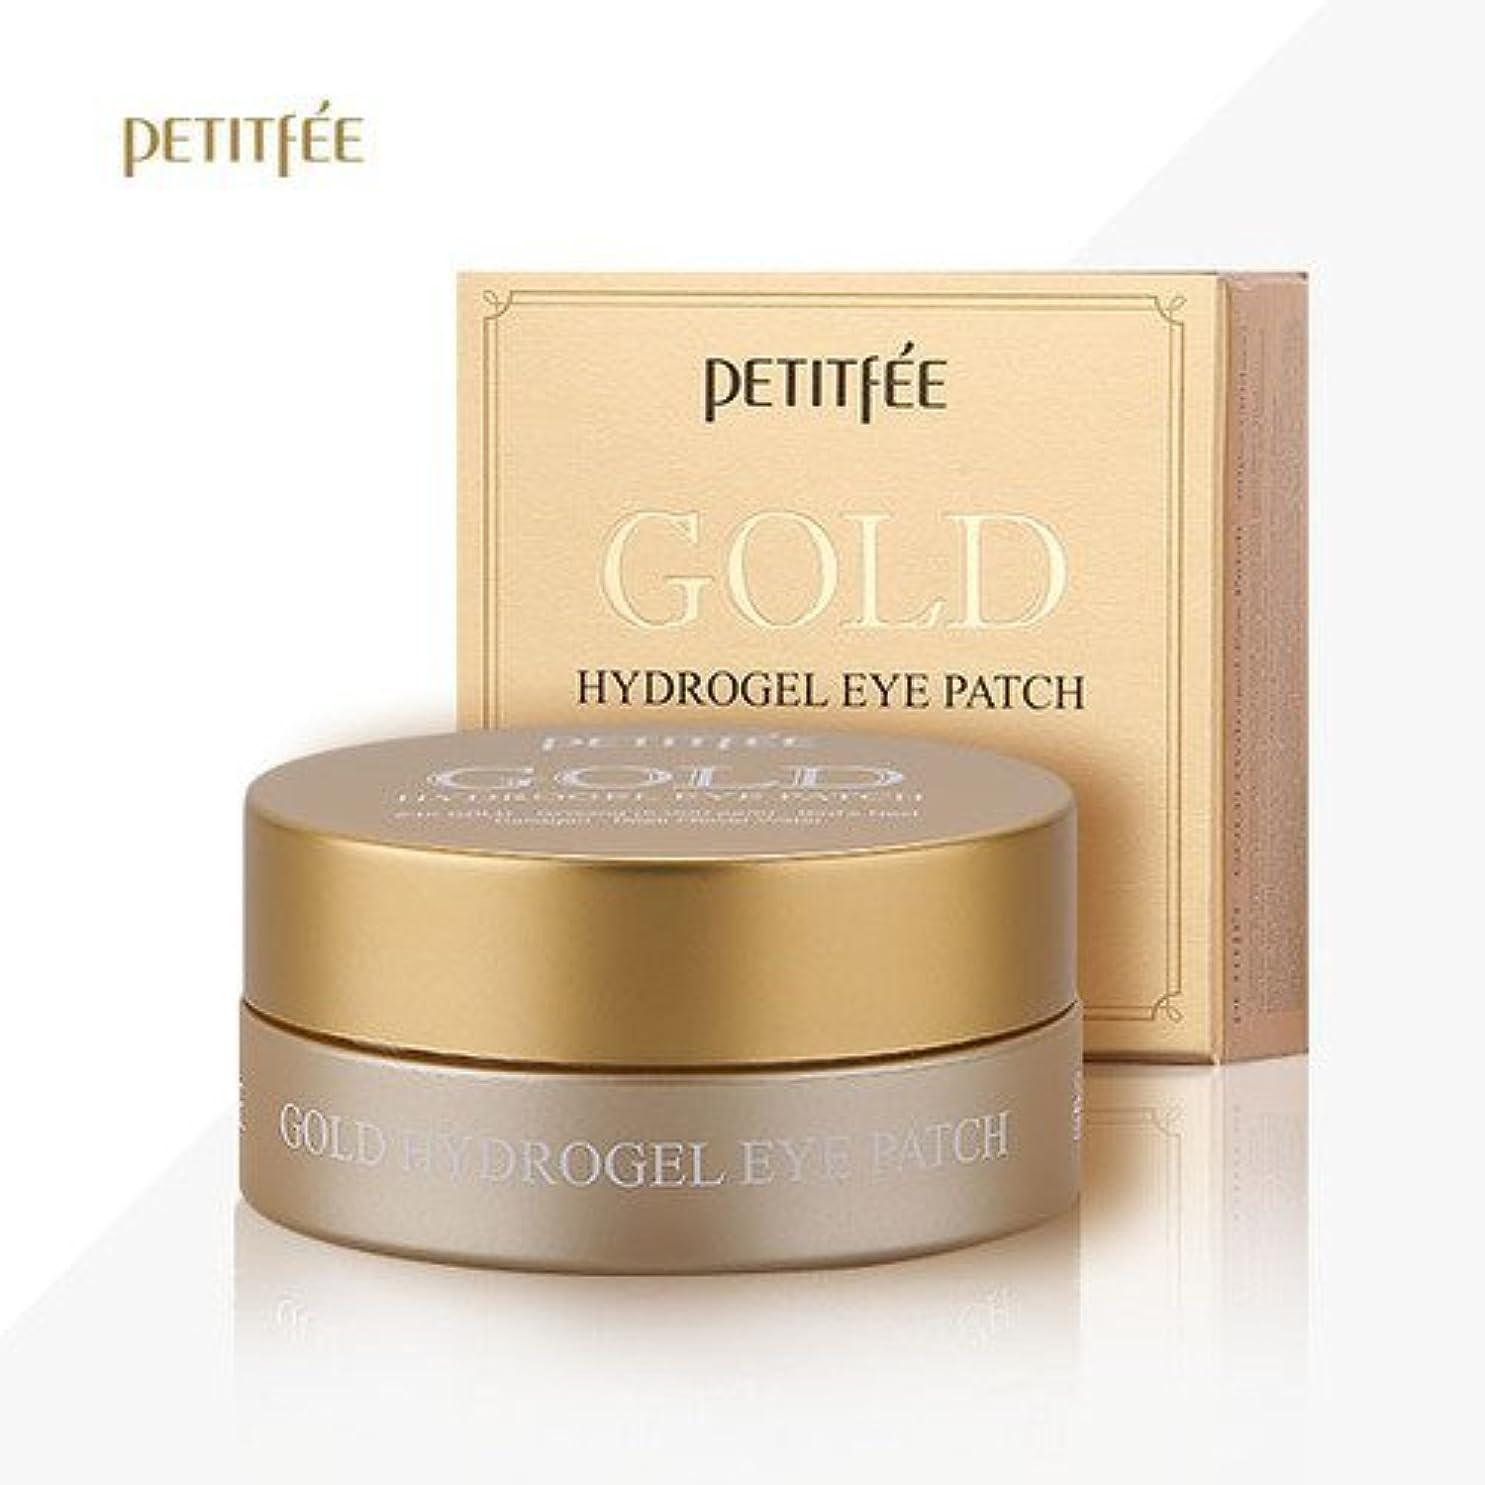 マスク校長脚本家PETITFEE(プチペ)ゴールドハイドロゲルアイパチ(60枚)/ Petitfee Gold Hydrogel Eye Patch (60Sheets) [並行輸入品]